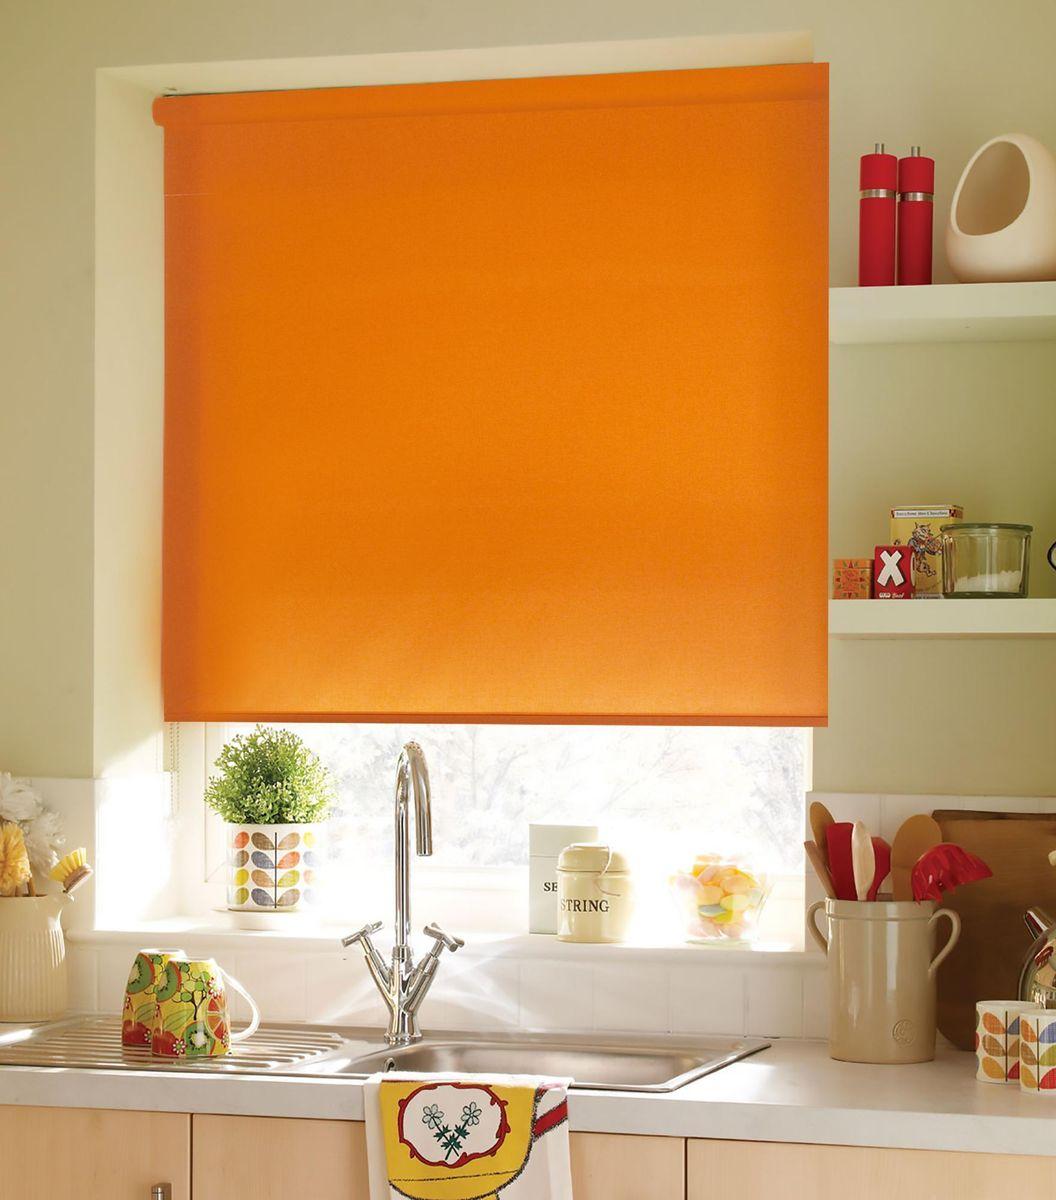 Штора рулонная Эскар, цвет: апельсиновый, ширина 140 см, высота 170 см81203140170Рулонными шторами можно оформлять окна как самостоятельно, так и использовать в комбинации с портьерами. Это поможет предотвратить выгорание дорогой ткани на солнце и соединит функционал рулонных с красотой навесных.Преимущества применения рулонных штор для пластиковых окон:- имеют прекрасный внешний вид: многообразие и фактурность материала изделия отлично смотрятся в любом интерьере; - многофункциональны: есть возможность подобрать шторы способные эффективно защитить комнату от солнца, при этом о на не будет слишком темной. - Есть возможность осуществить быстрый монтаж. ВНИМАНИЕ! Размеры ширины изделия указаны по ширине ткани!Во время эксплуатации не рекомендуется полностью разматывать рулон, чтобы не оторвать ткань от намоточного вала.В случае загрязнения поверхности ткани, чистку шторы проводят одним из способов, в зависимости от типа загрязнения: легкое поверхностное загрязнение можно удалить при помощи канцелярского ластика; чистка от пыли производится сухим методом при помощи пылесоса с мягкой щеткой-насадкой; для удаления пятна используйте мягкую губку с пенообразующим неагрессивным моющим средством или пятновыводитель на натуральной основе (нельзя применять растворители).